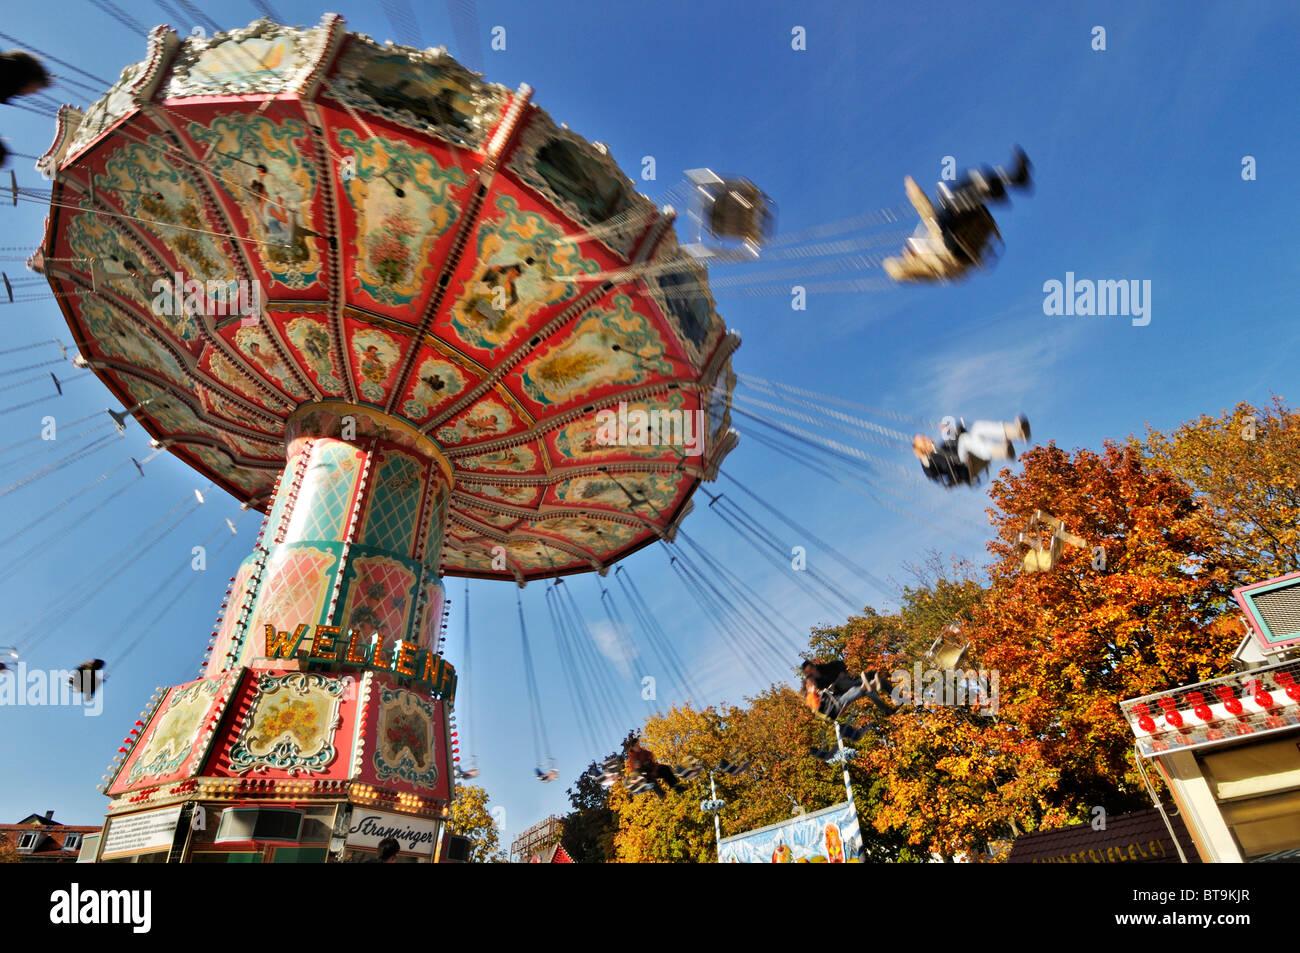 Chair-o-planes or swing carousel, Auer Dult fair, Munich, Bavaria Stock Photo